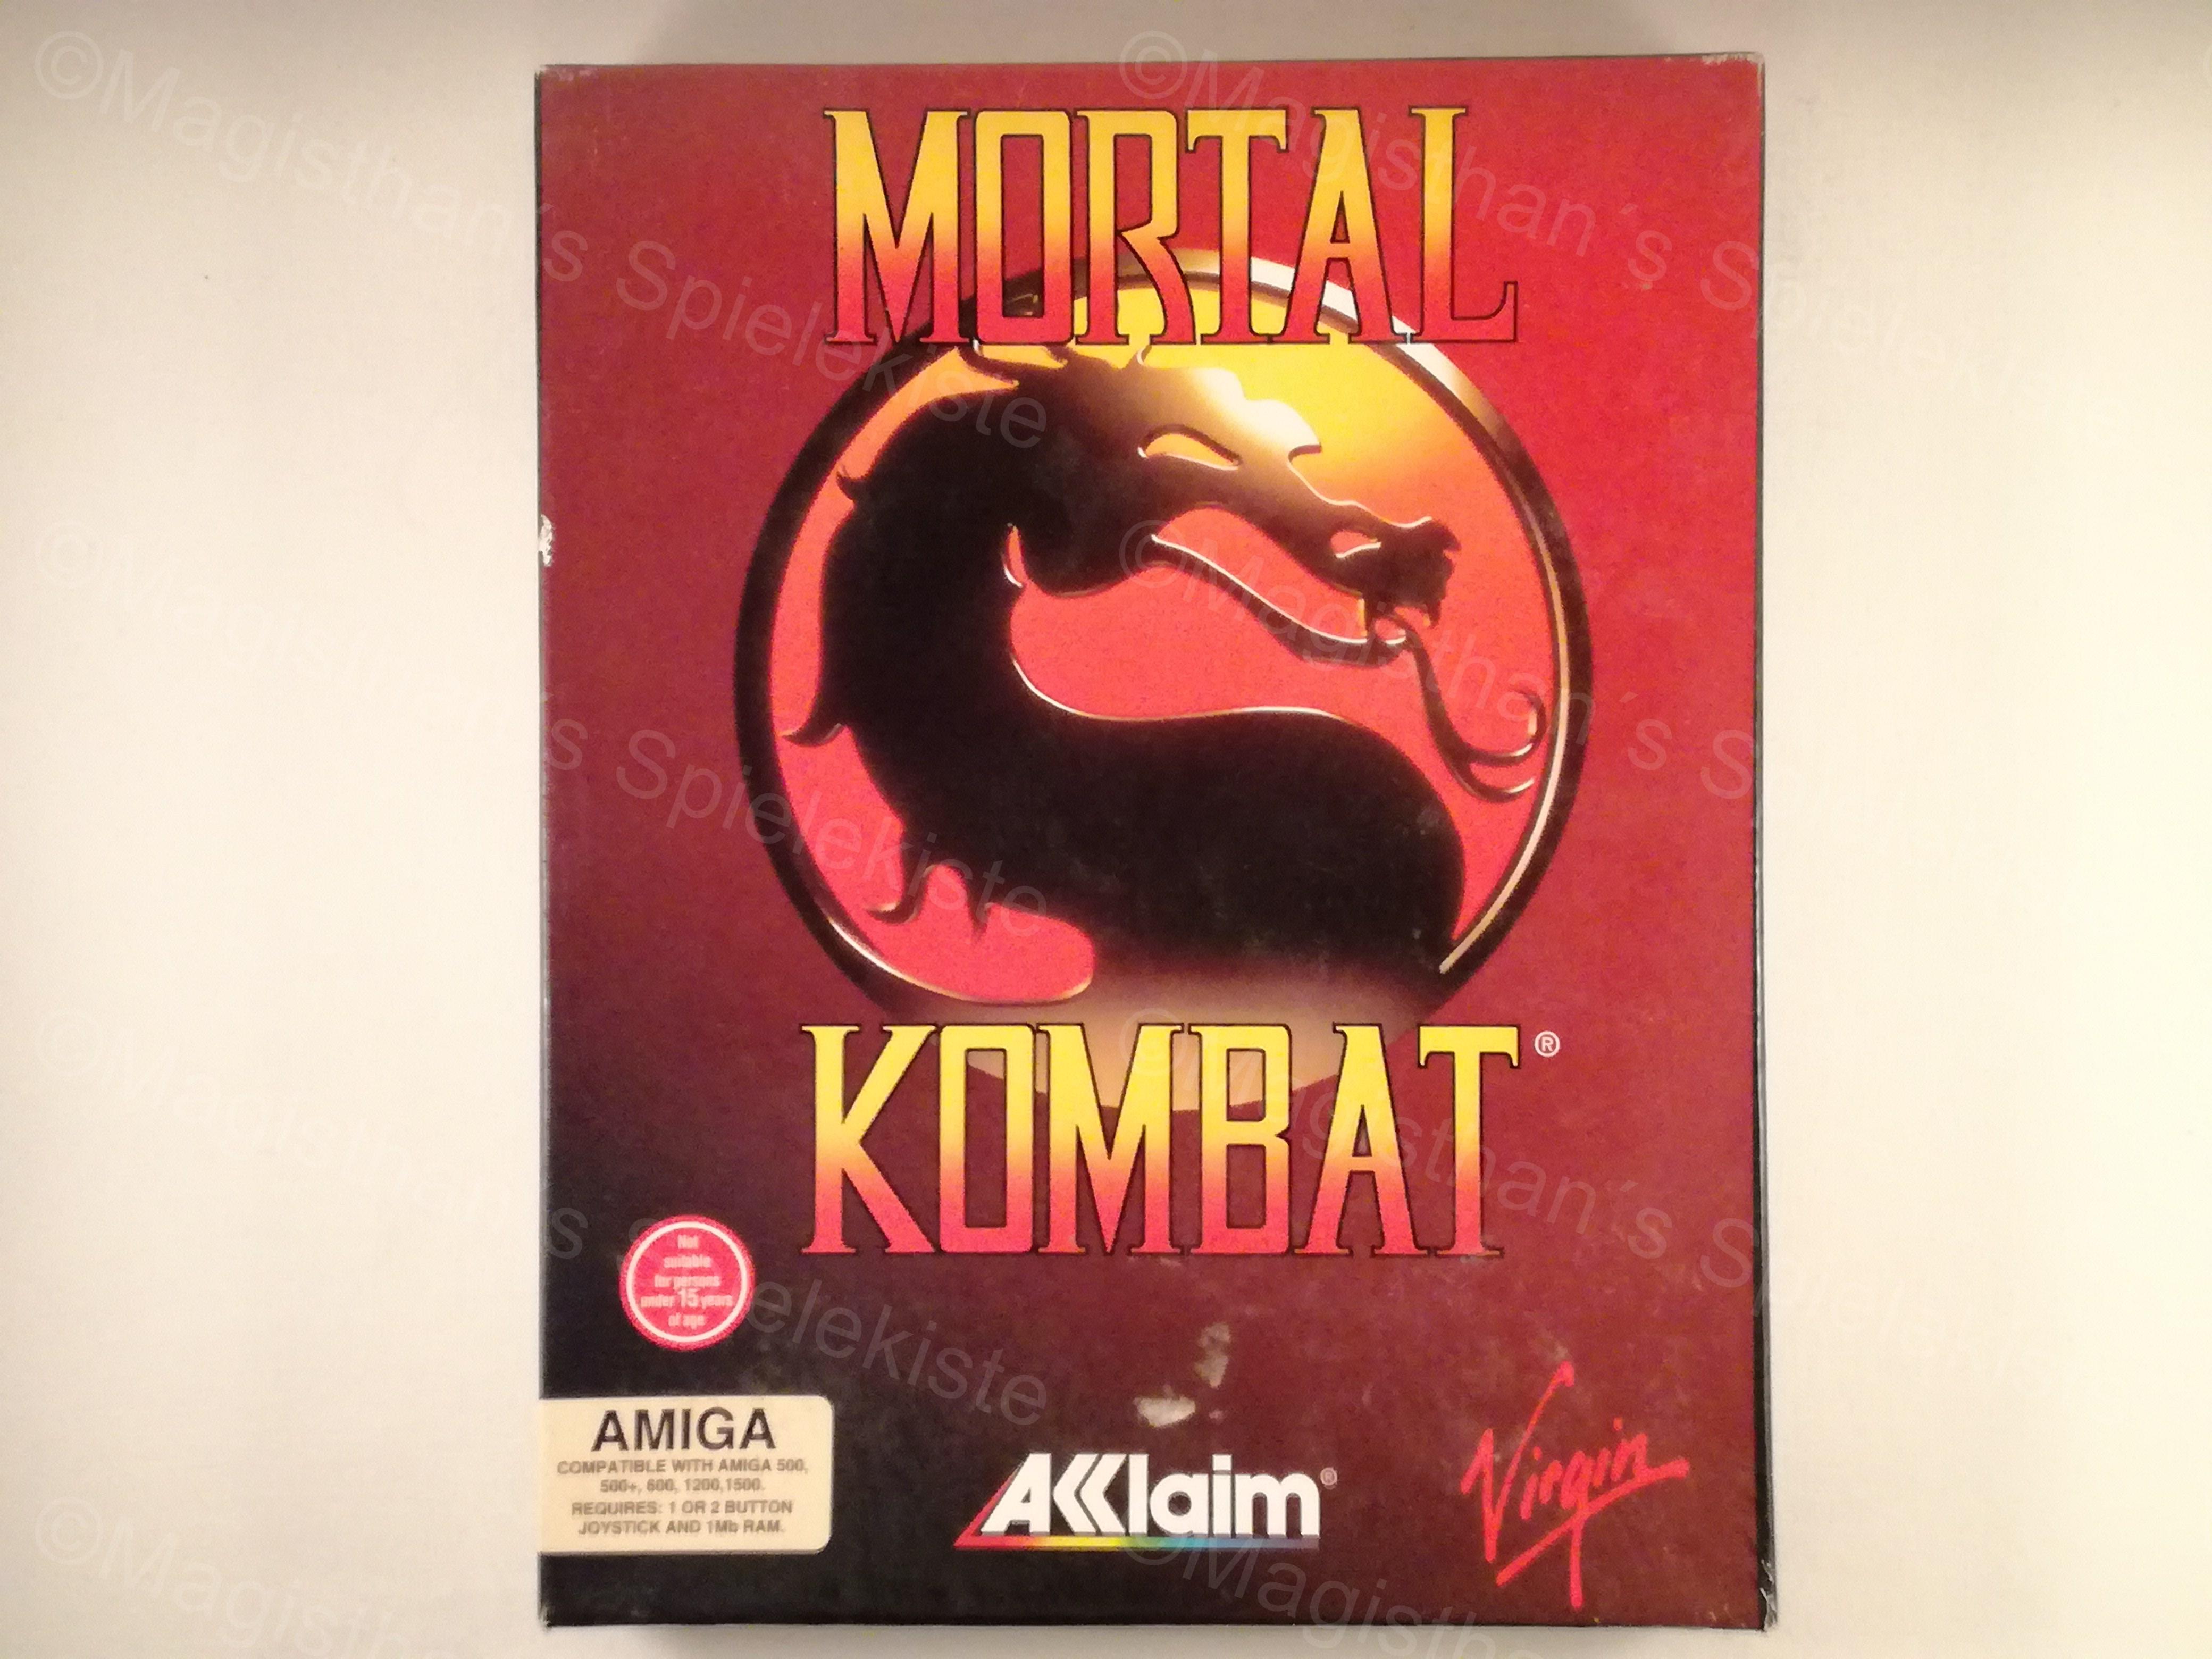 MortalKombatAmiga1a.jpg